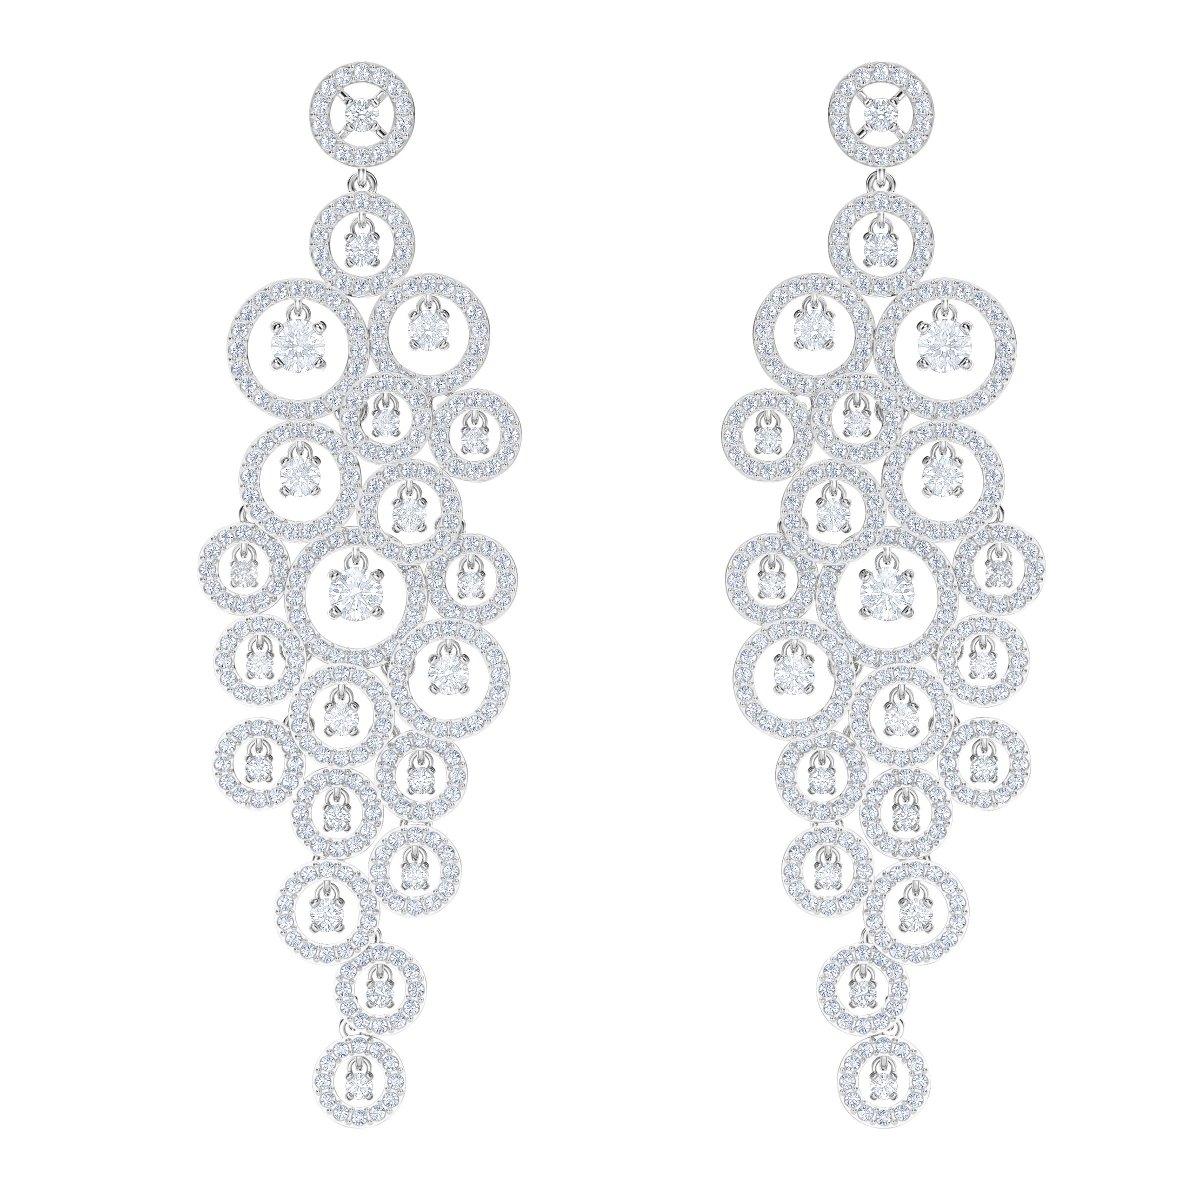 bcfe33e28 Náušnice SWAROVSKI CREATIVITY PE CHNDL CZ CRY/CZWH/RHS 5408280 | MOLOKO